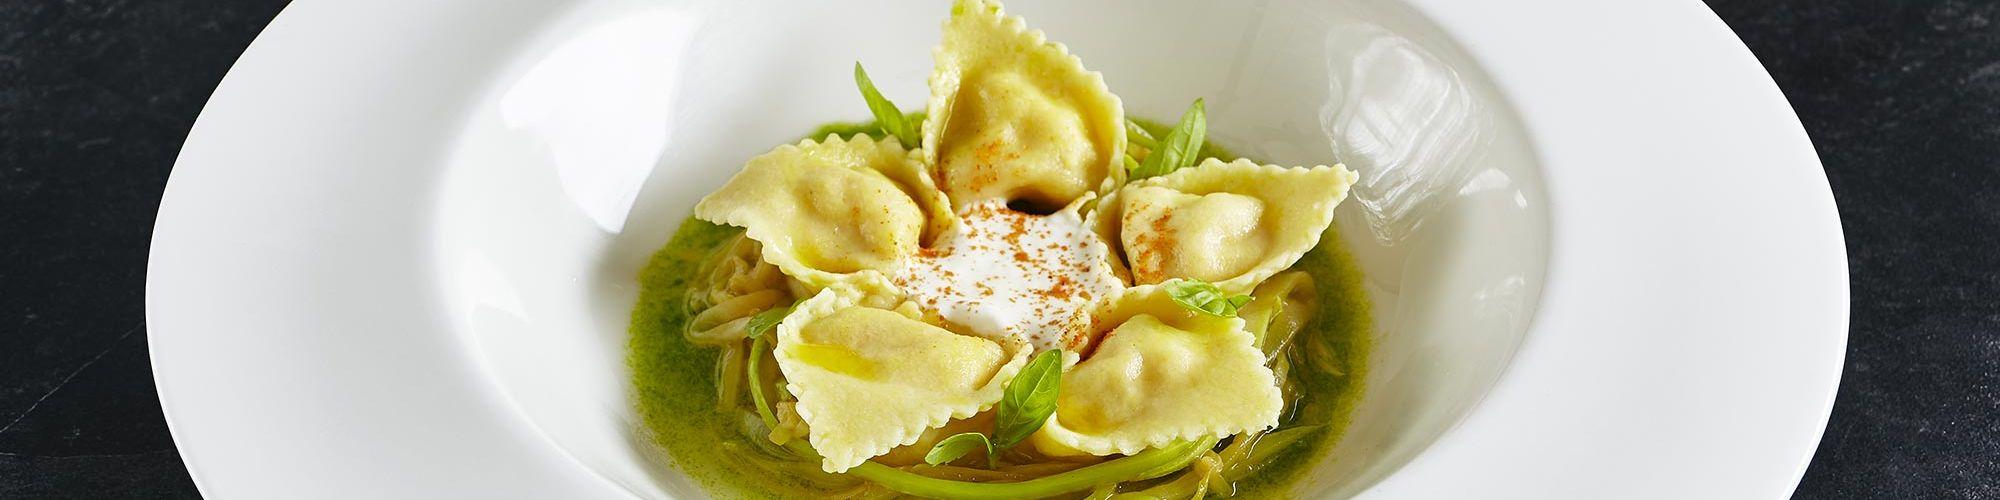 ricetta Tortelloni con ricotta, gamberetti e zucchine con pasta fresca